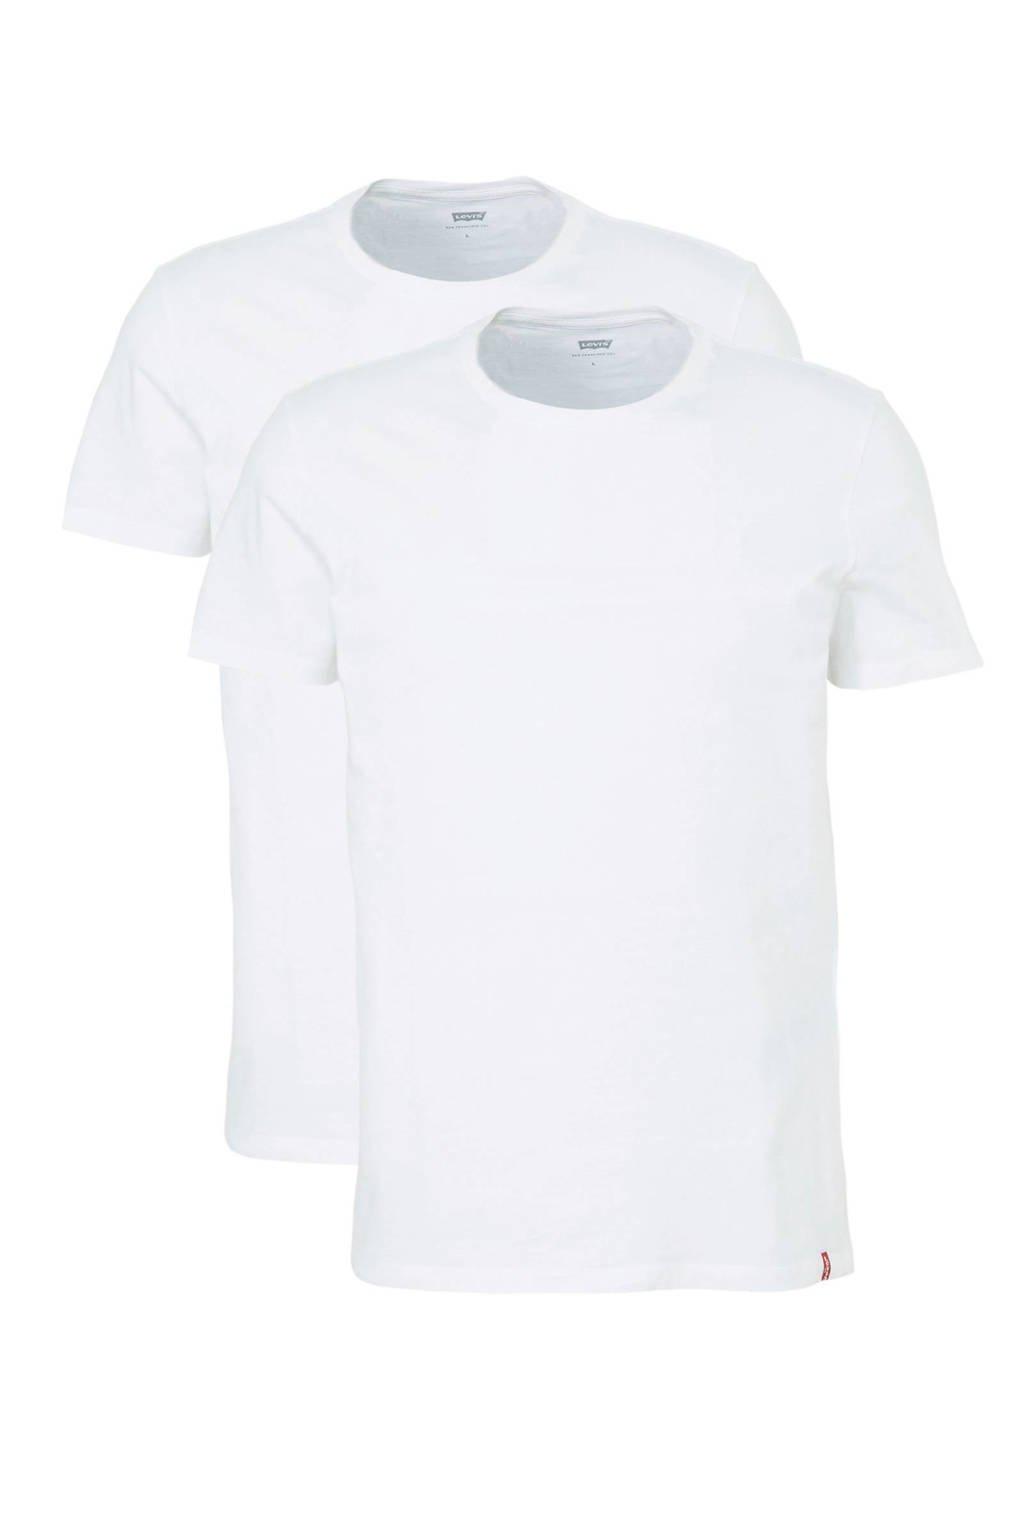 Levi's T-shirt - set van 2, Wit